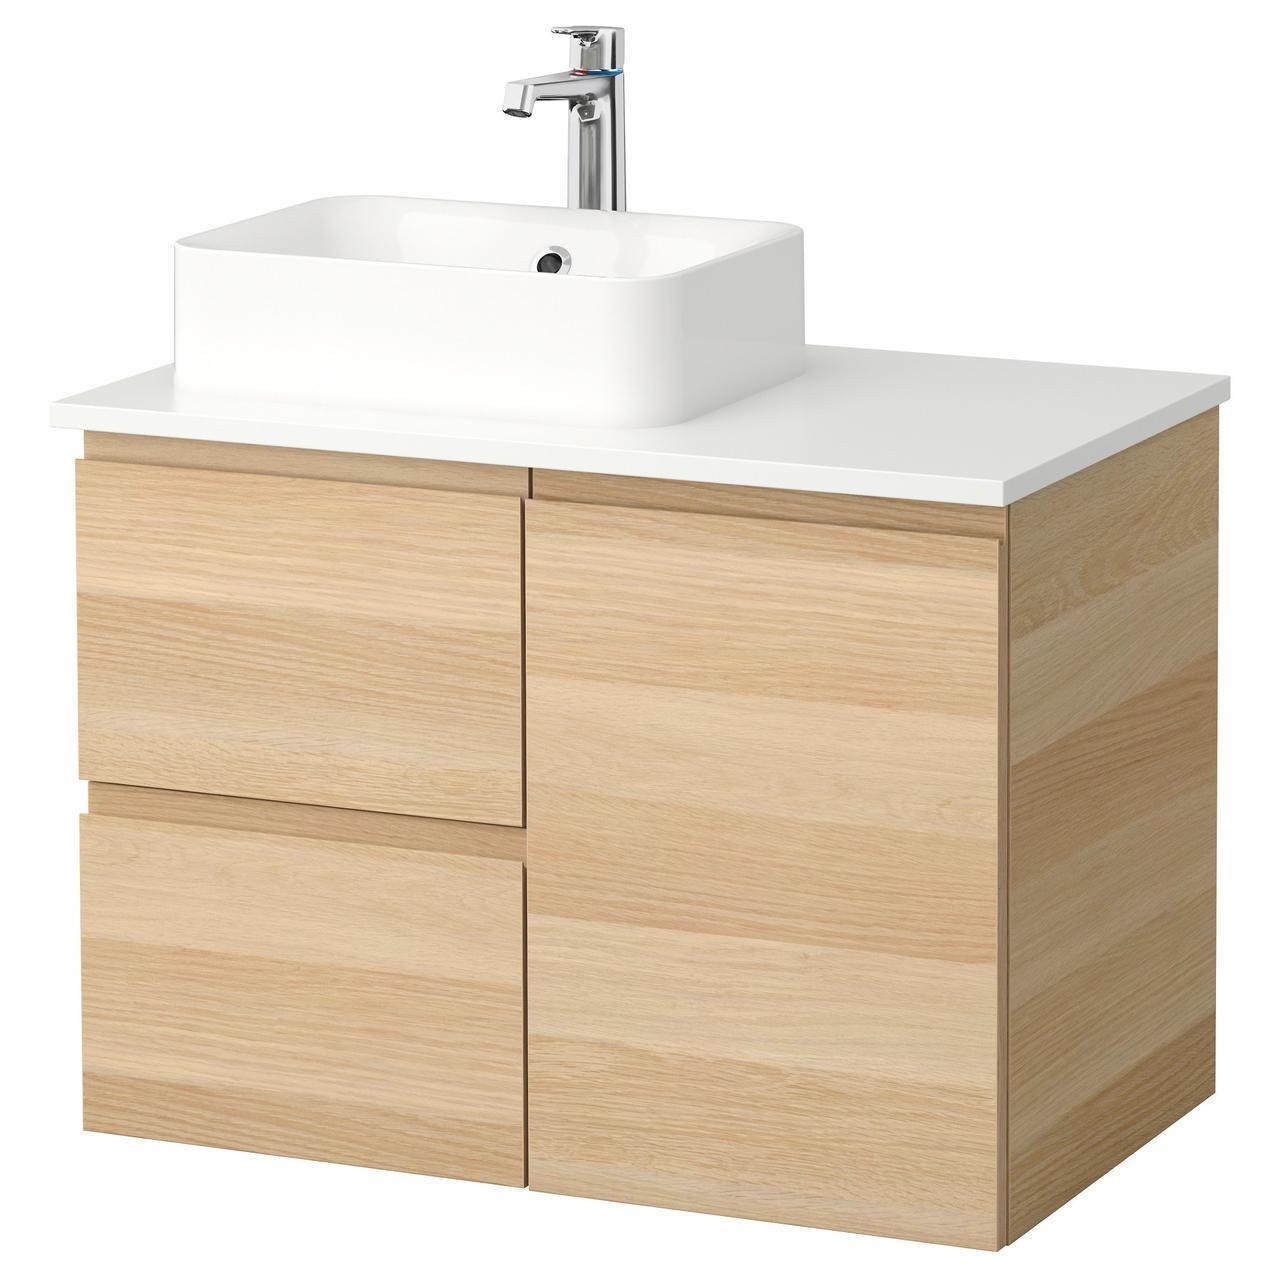 IKEA GODMORGON/TOLKEN/HORVIK Шкаф под умывальник с раковиной 45x32, белый окрашенный дубовый шпон, (492.082.92)